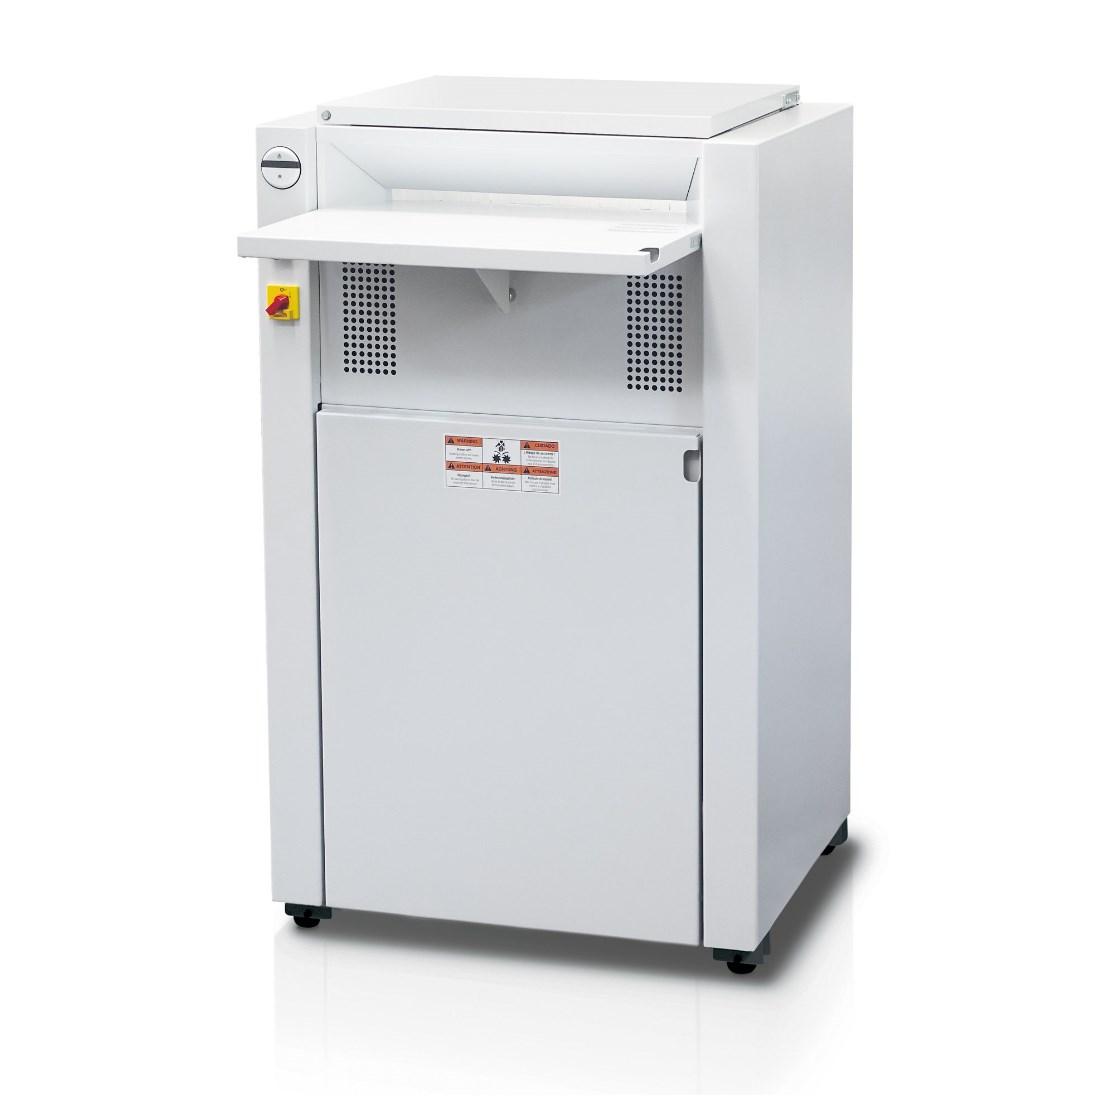 Niszczarka wysokowydajna - IDEAL 4600 CC / 4 x 40 mm